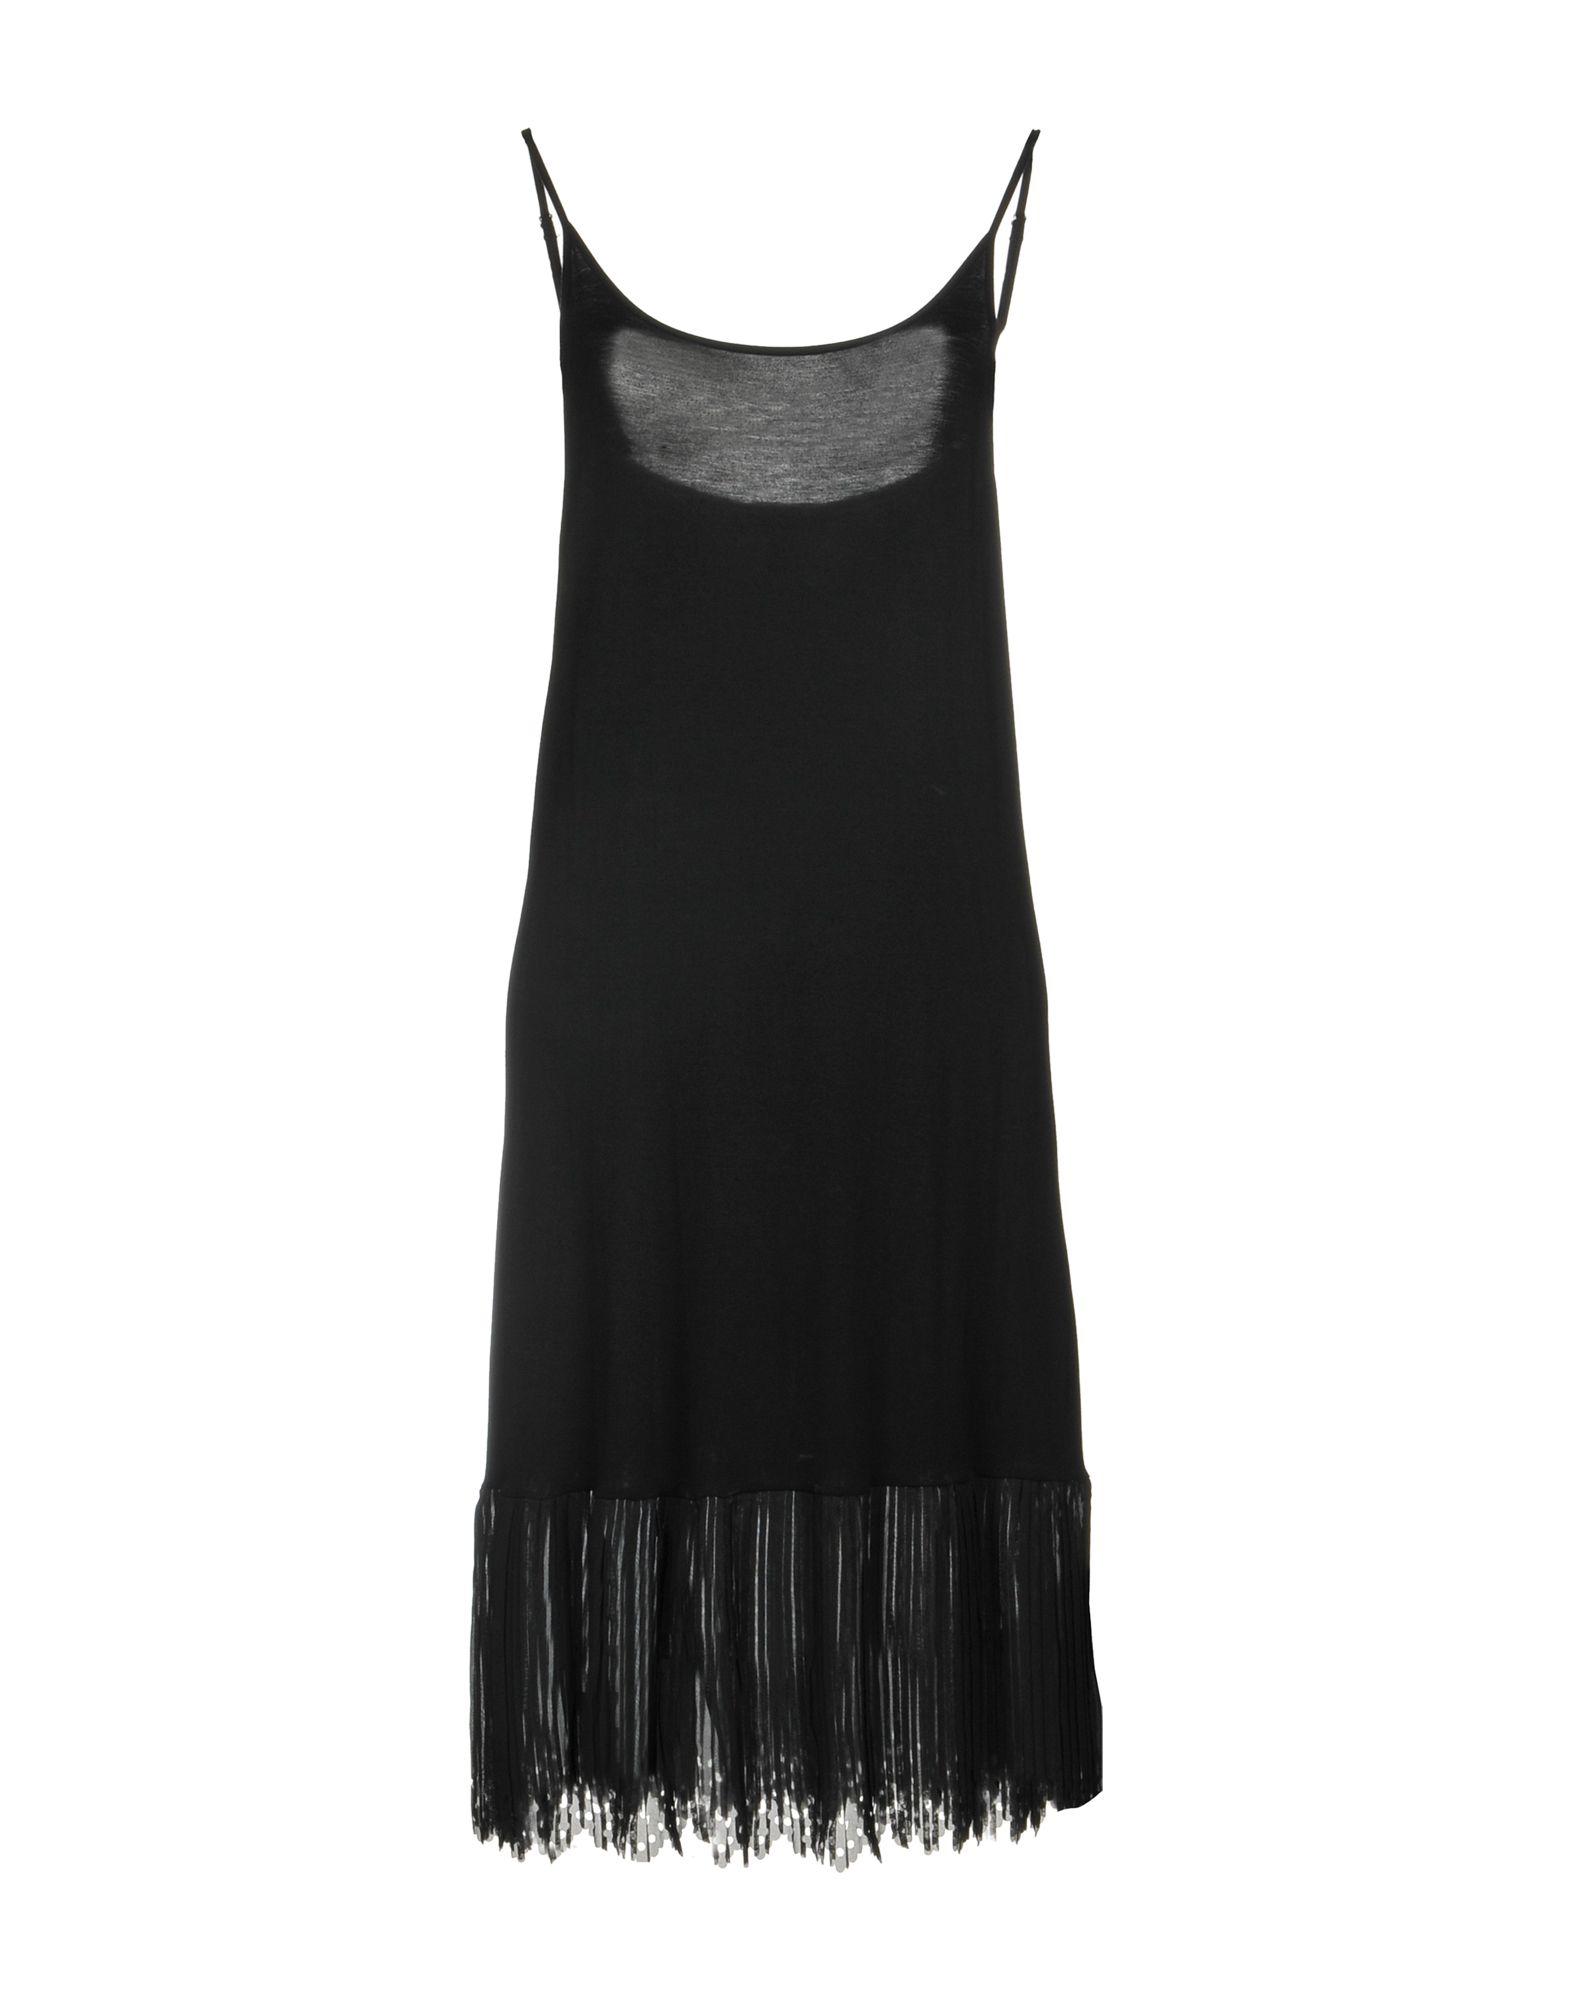 JUST FOR YOU Damen Kurzes Kleid Farbe Schwarz Größe 7